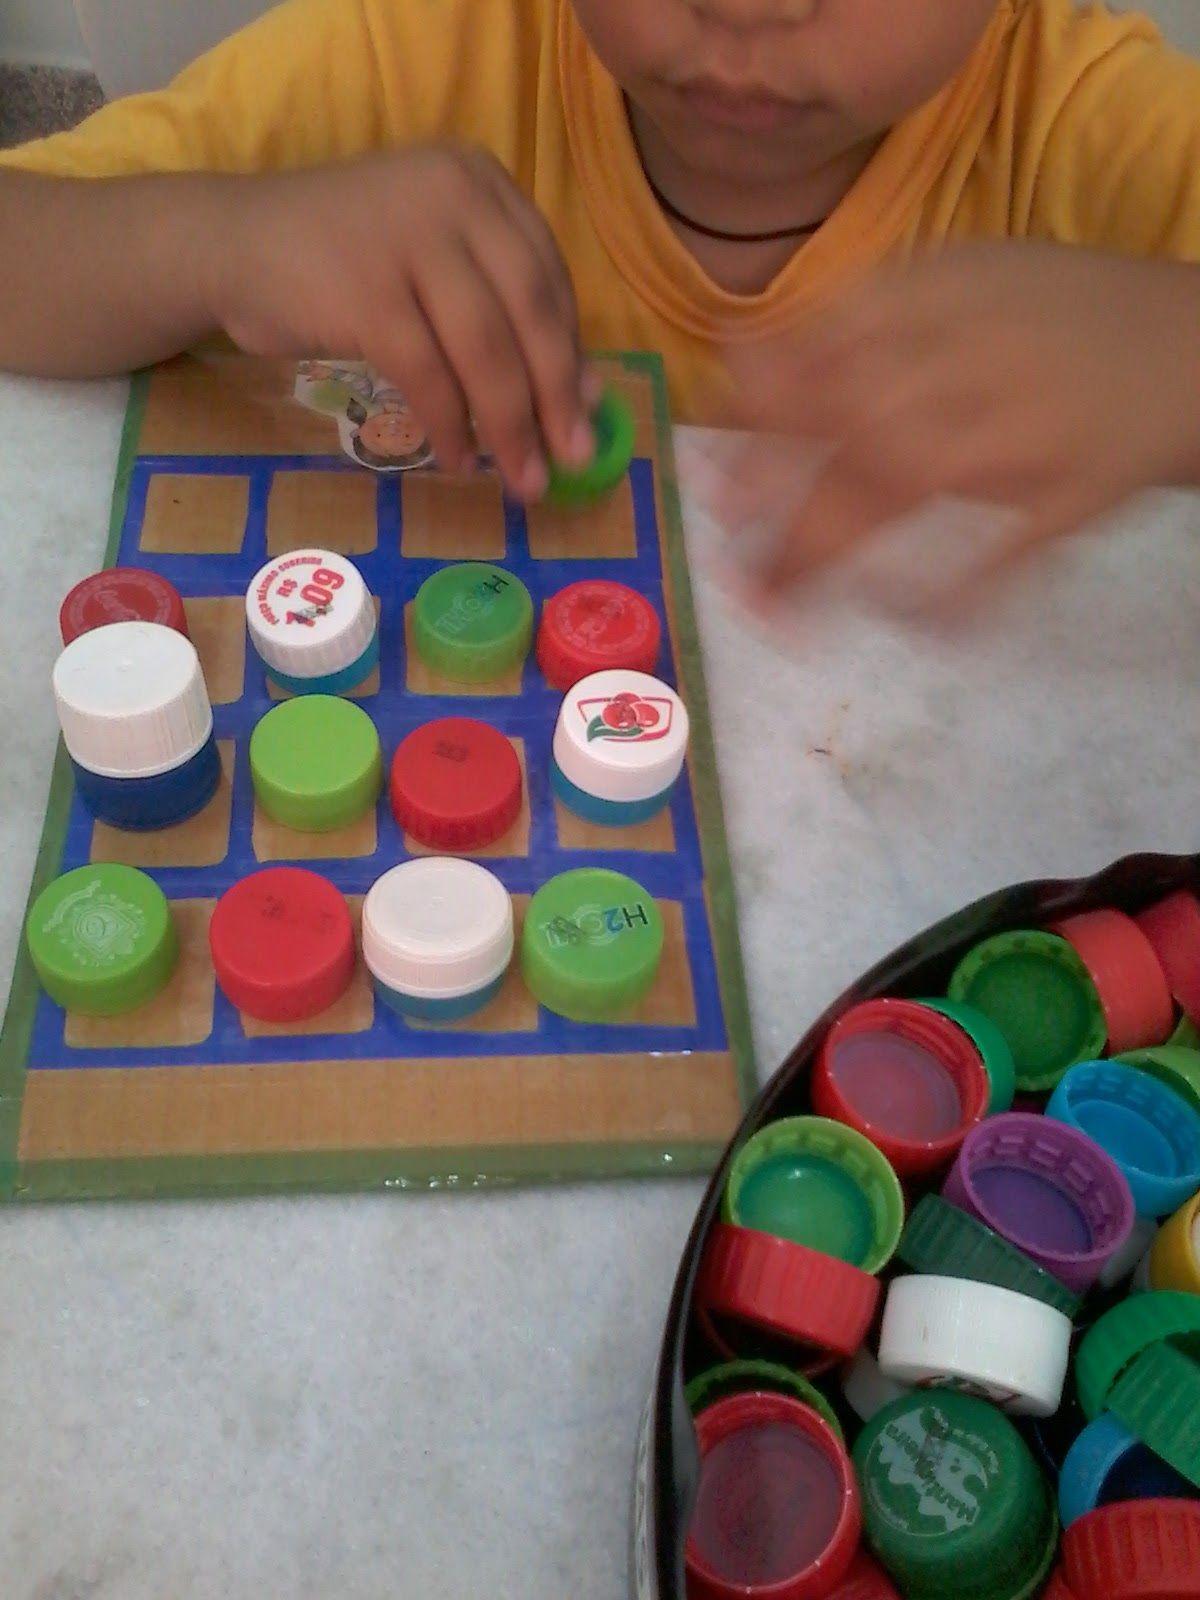 Pranchas para o trabalho com sequenciação! Aqui priorizamos as cores e utilizamos tampinhas!